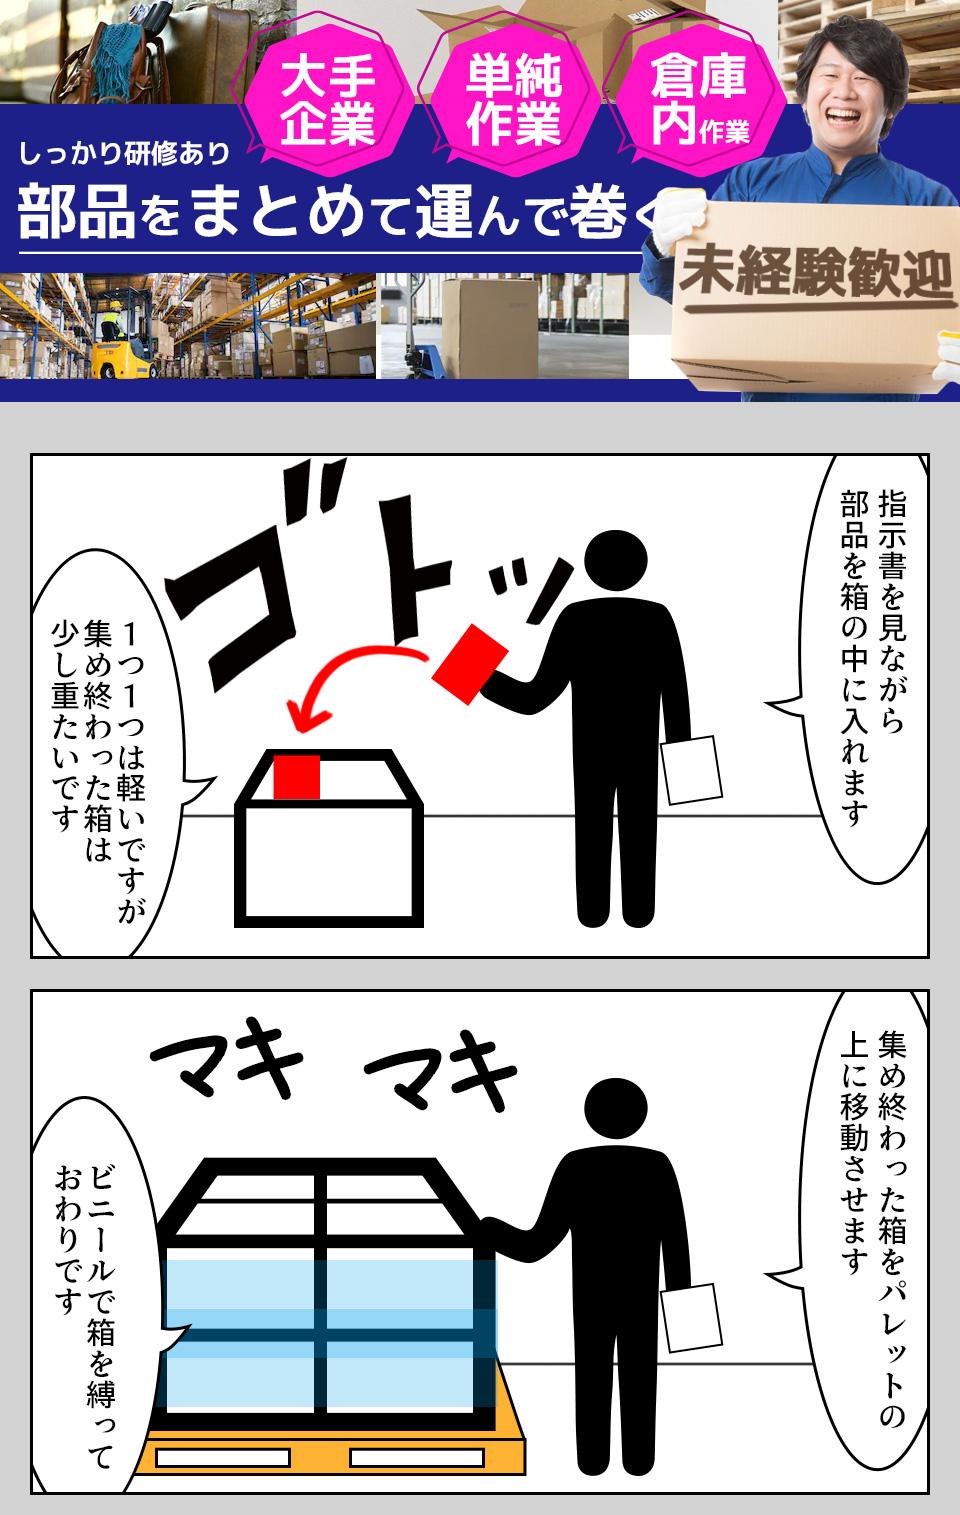 部品のピッキング・梱包 愛知県豊田市の派遣社員求人